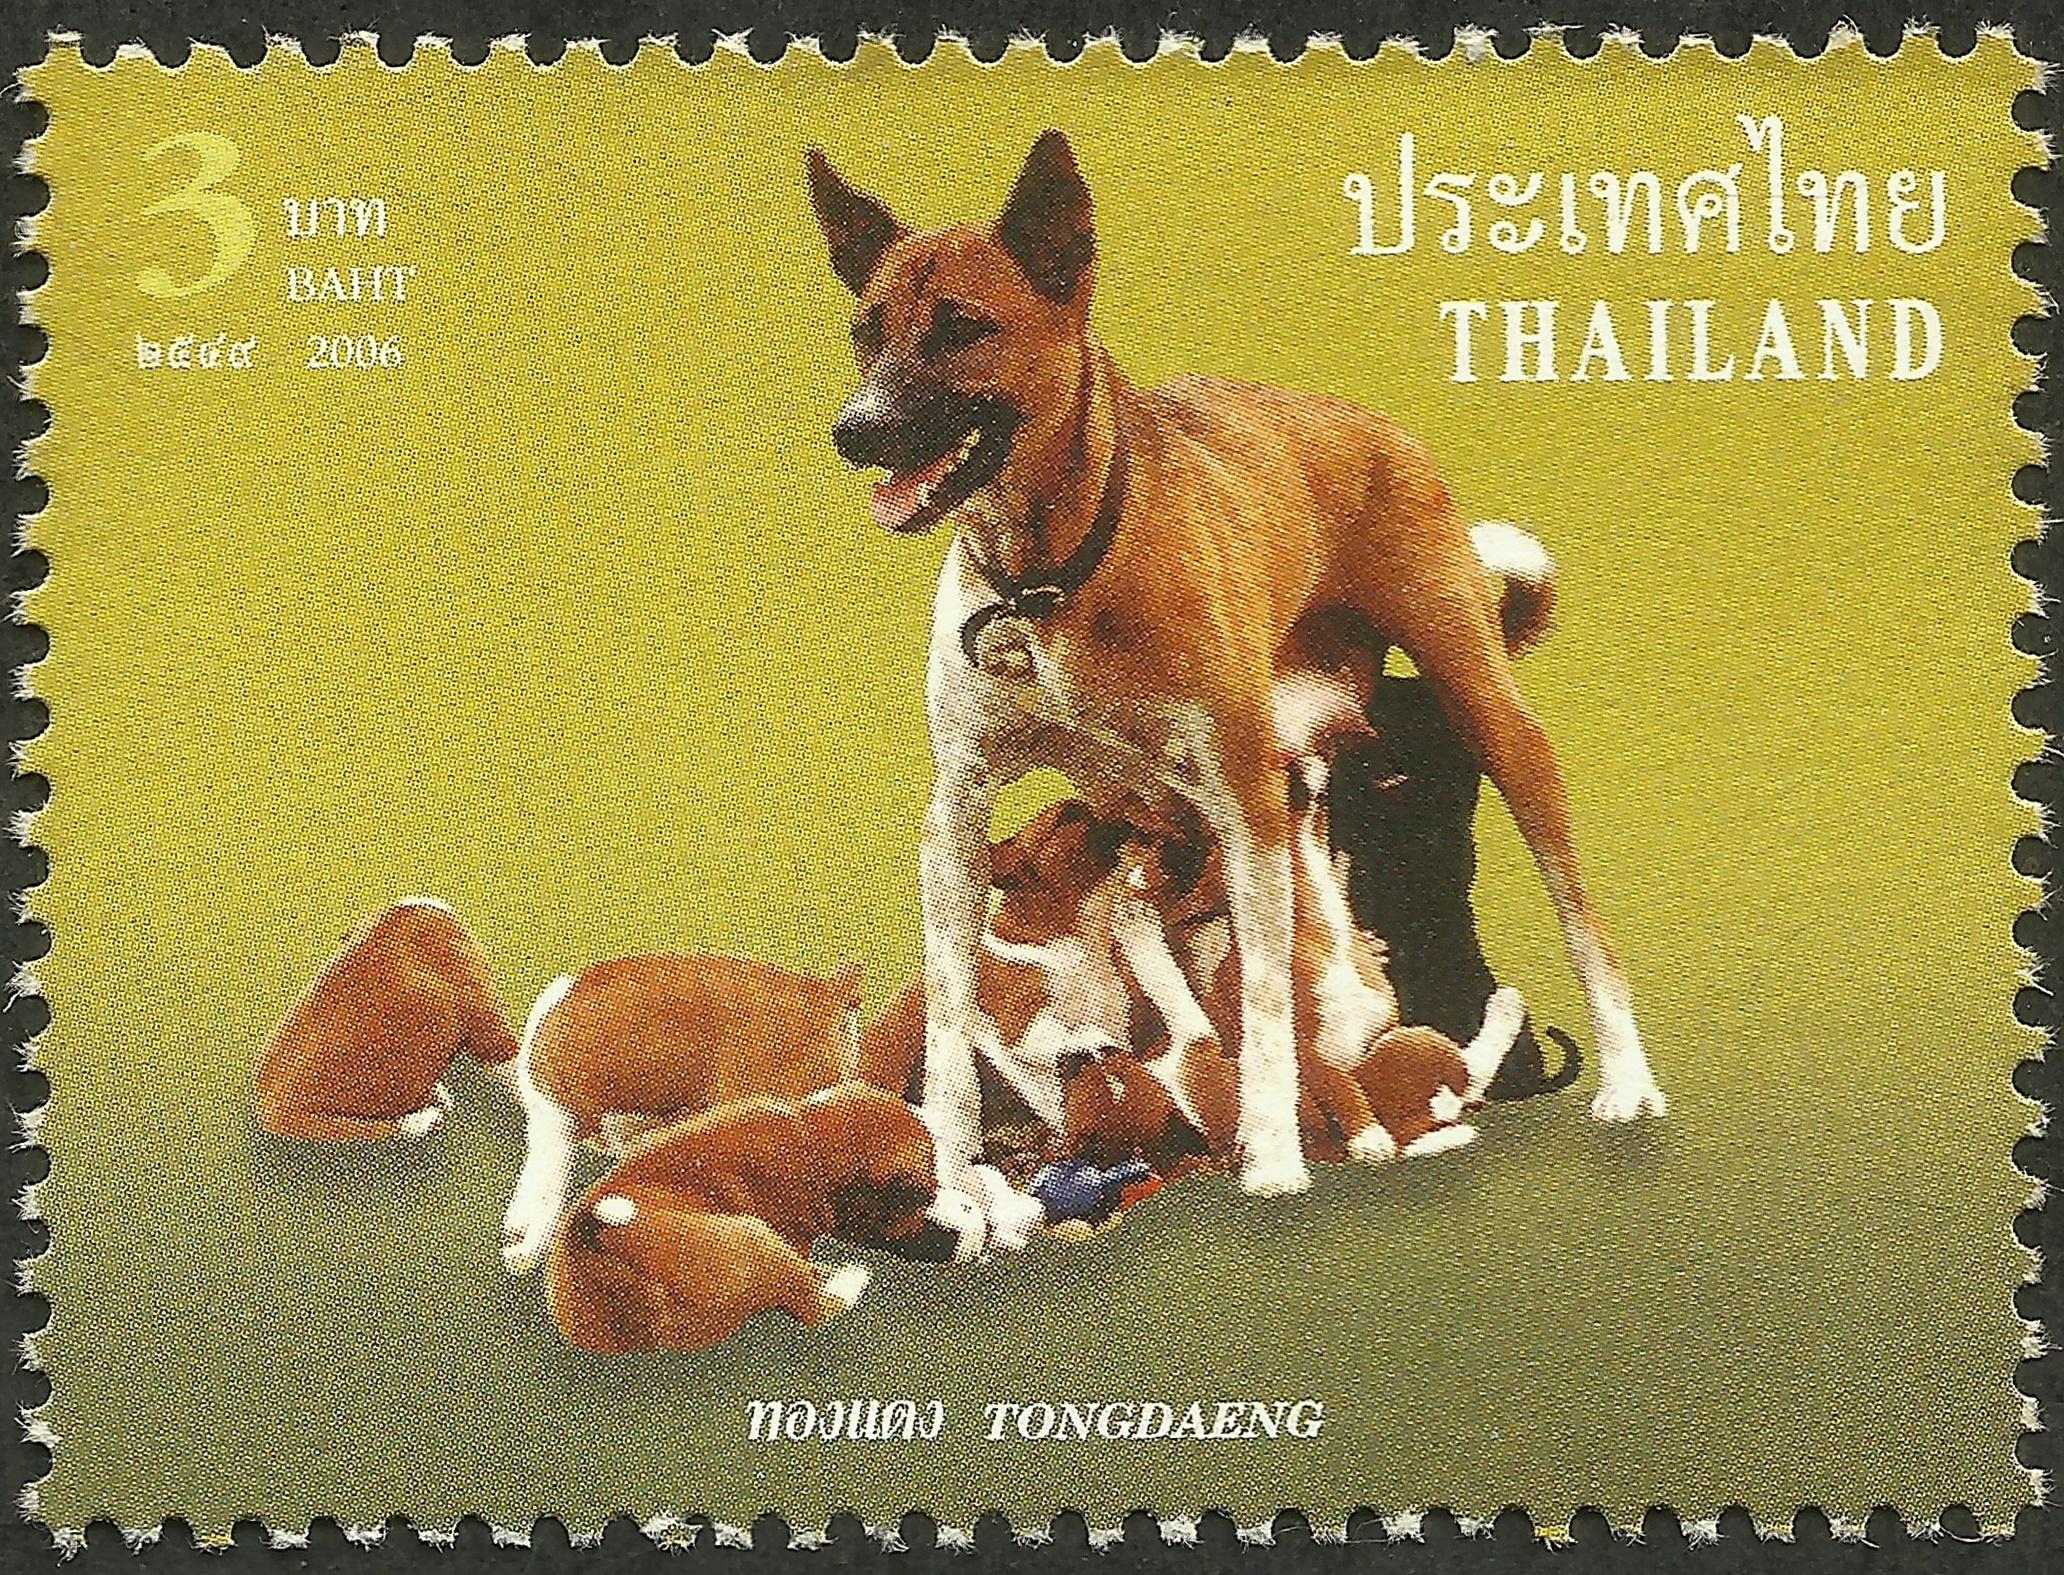 Thailand - Scott #2246 (2006)